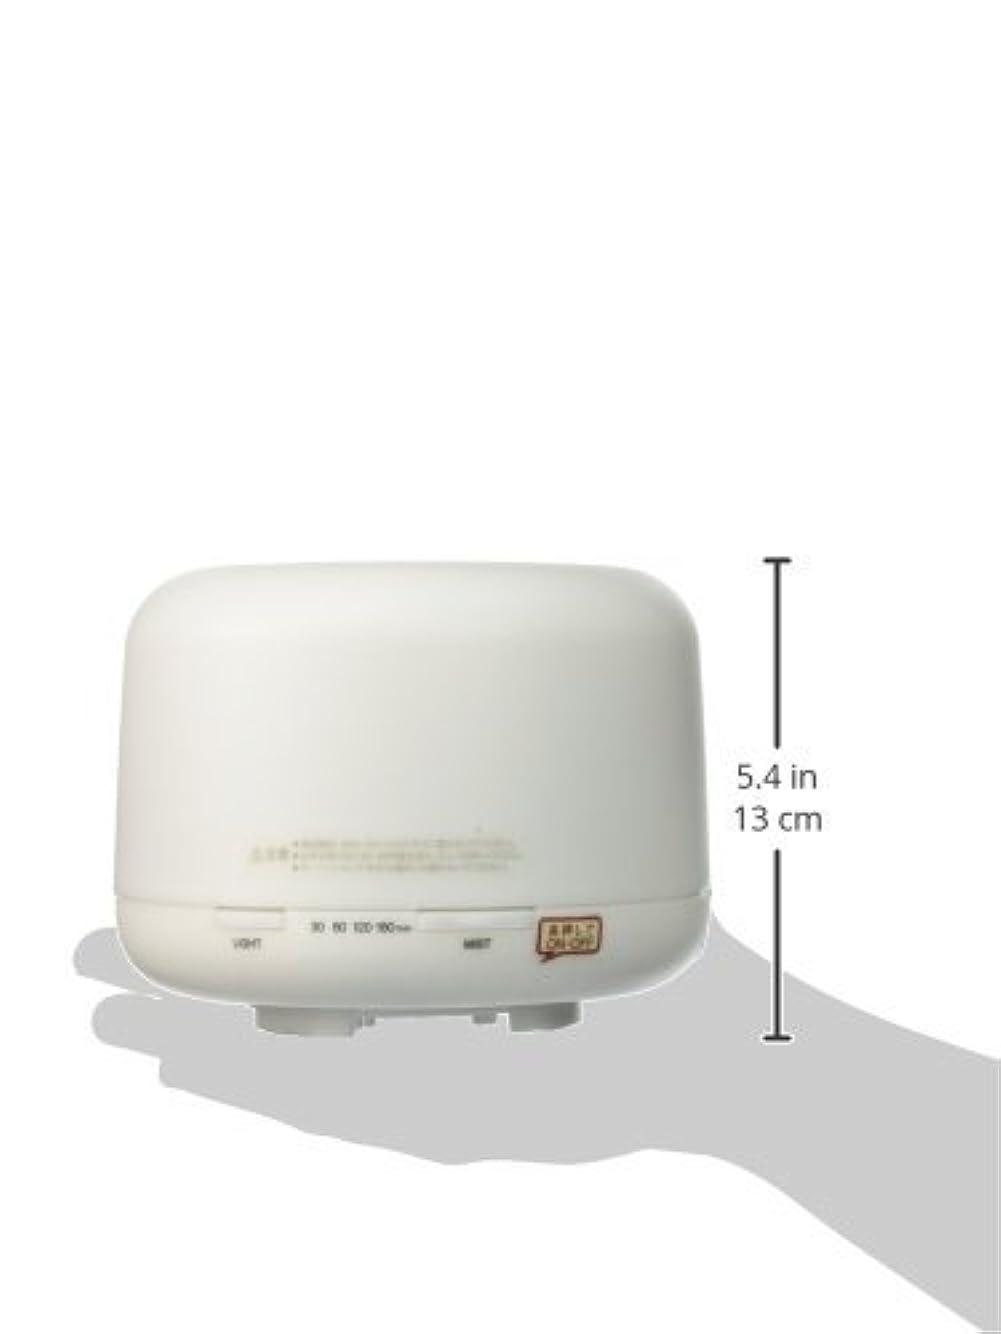 通信する超えて呼ぶ【無印良品】 超音波うるおいアロマディフューザー HAD-001-JPW